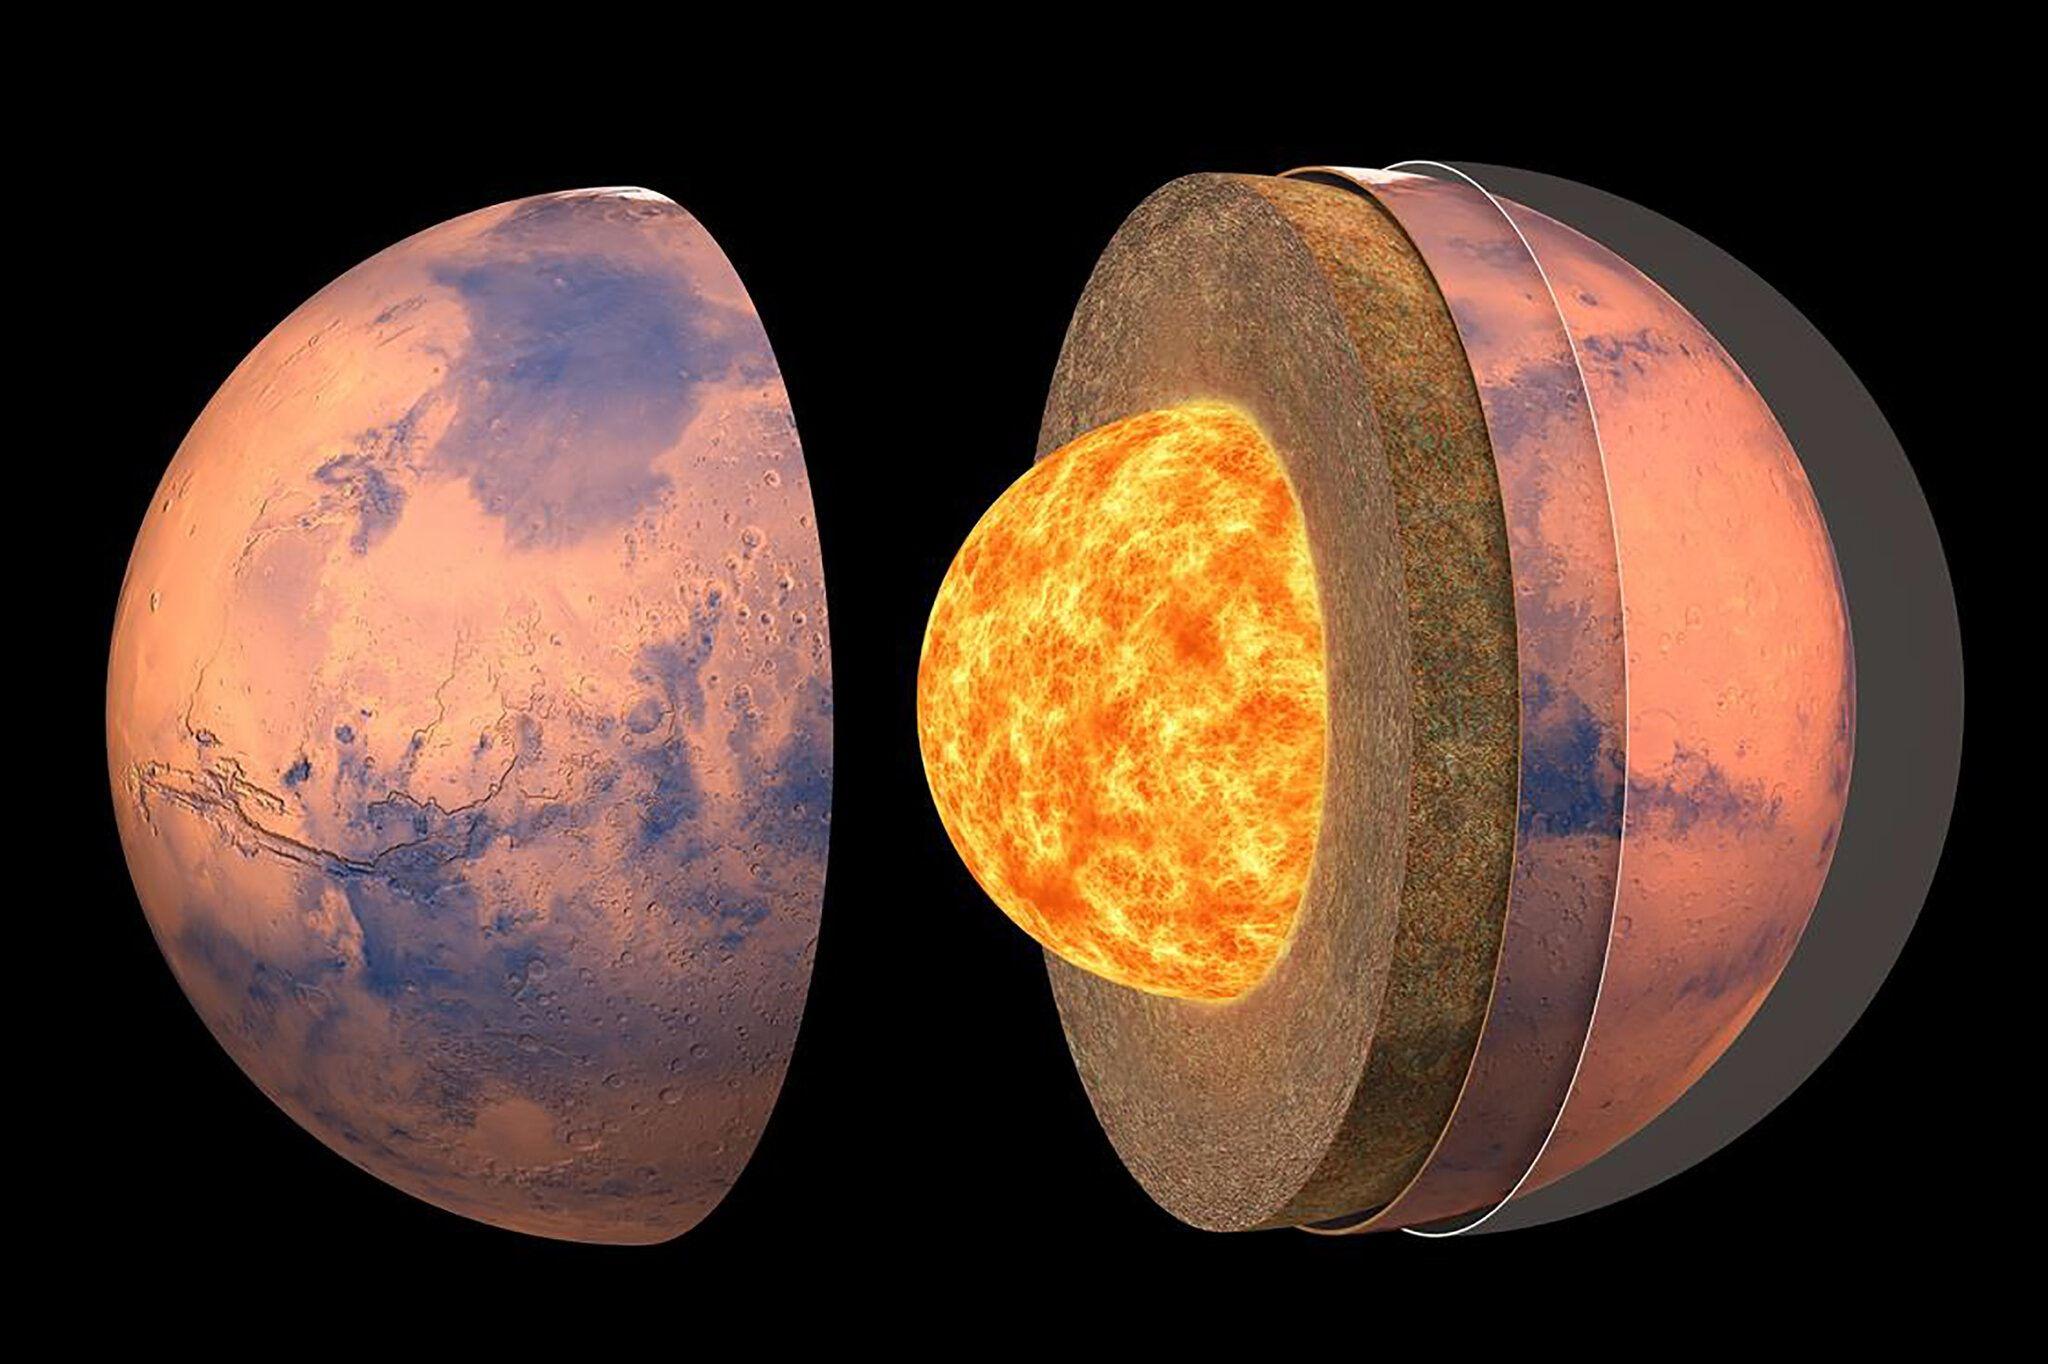 La NASA a dévoilé la première carte détaillée de l'intérieur de la planète Mars, grâce aux travaux et aux avancées de la mission InSight.